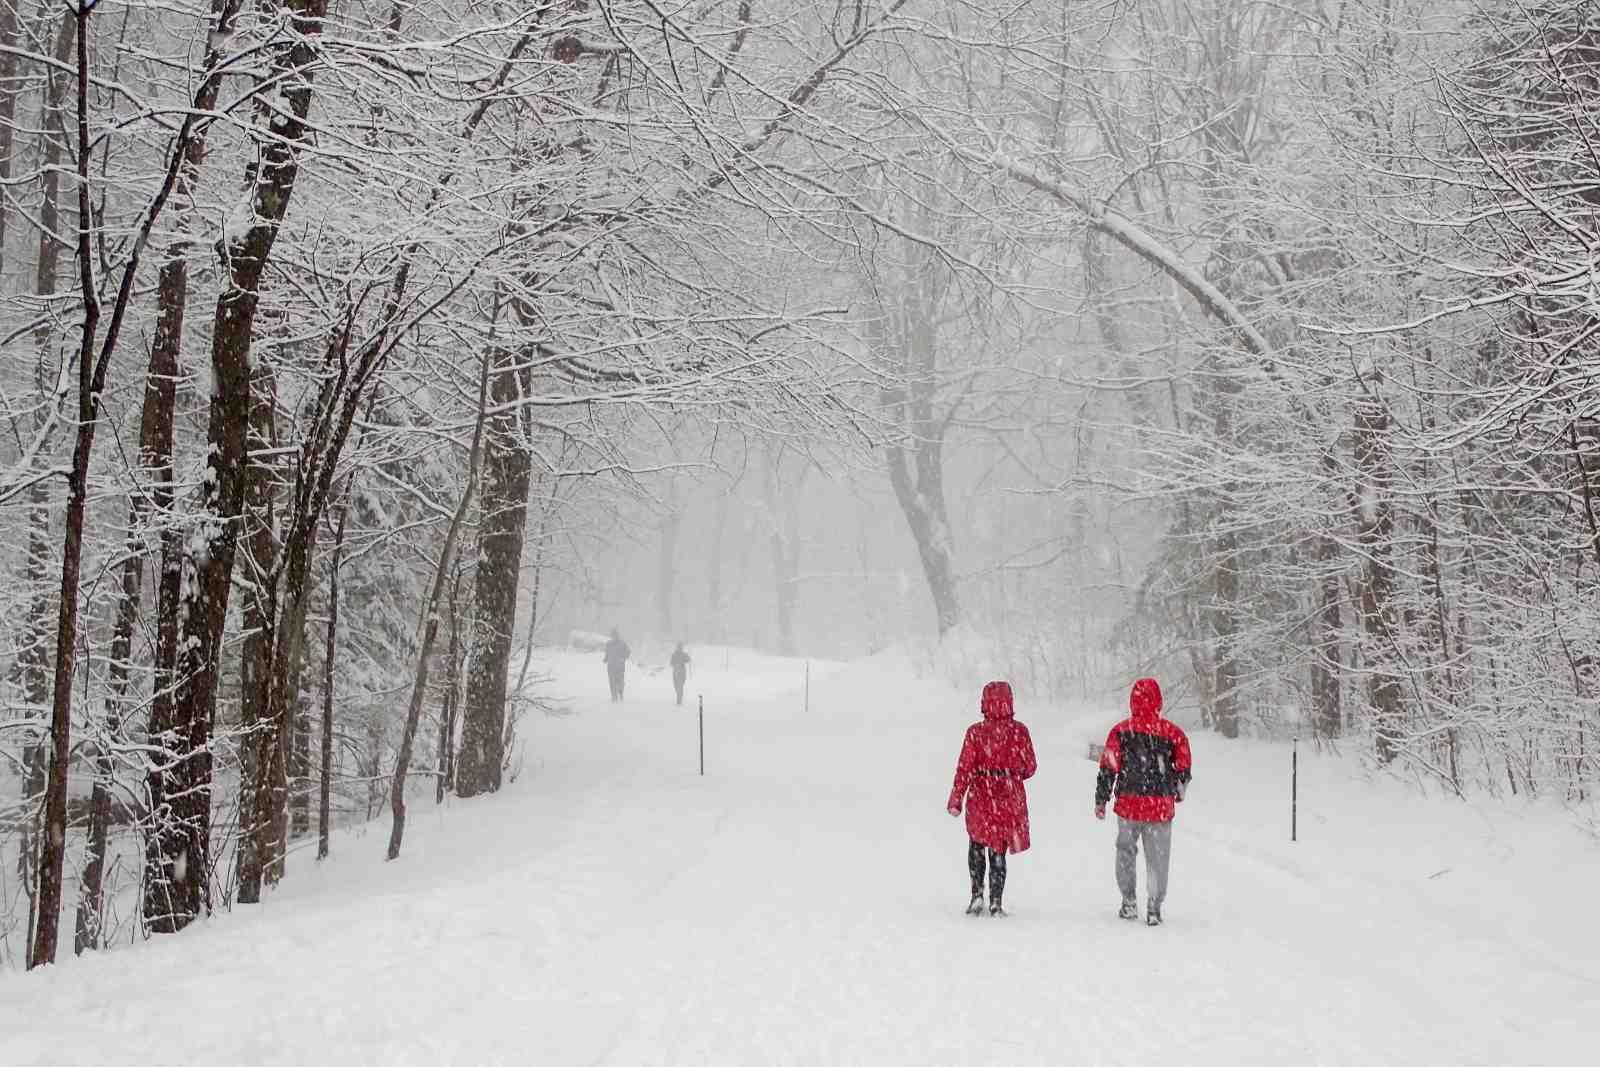 Las mejores caminatas de invierno cerca de Montreal incluyen Mount Royal Park